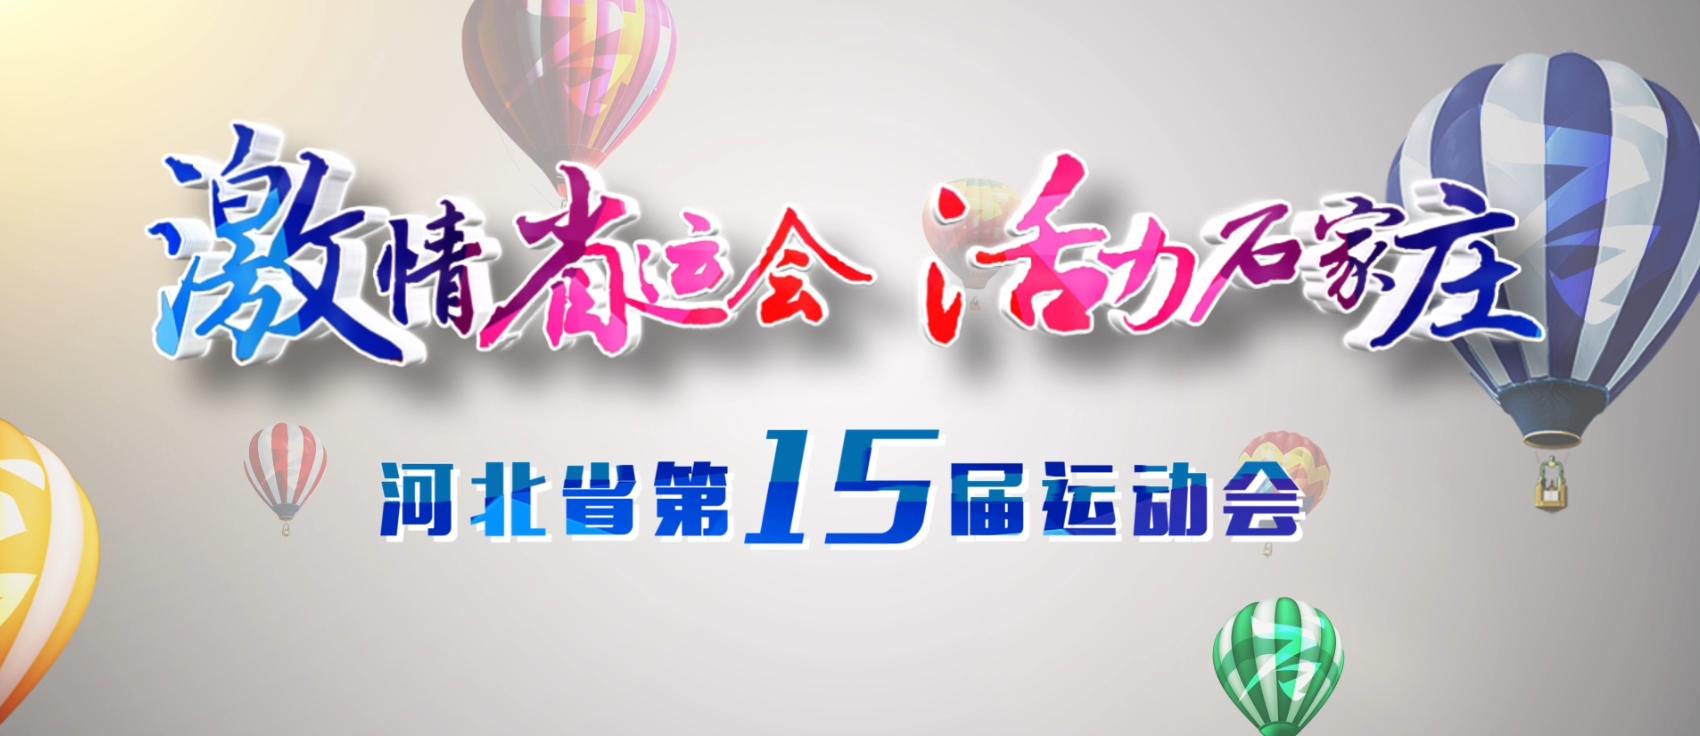 河北省第十五届运动会宣传片酷炫来袭